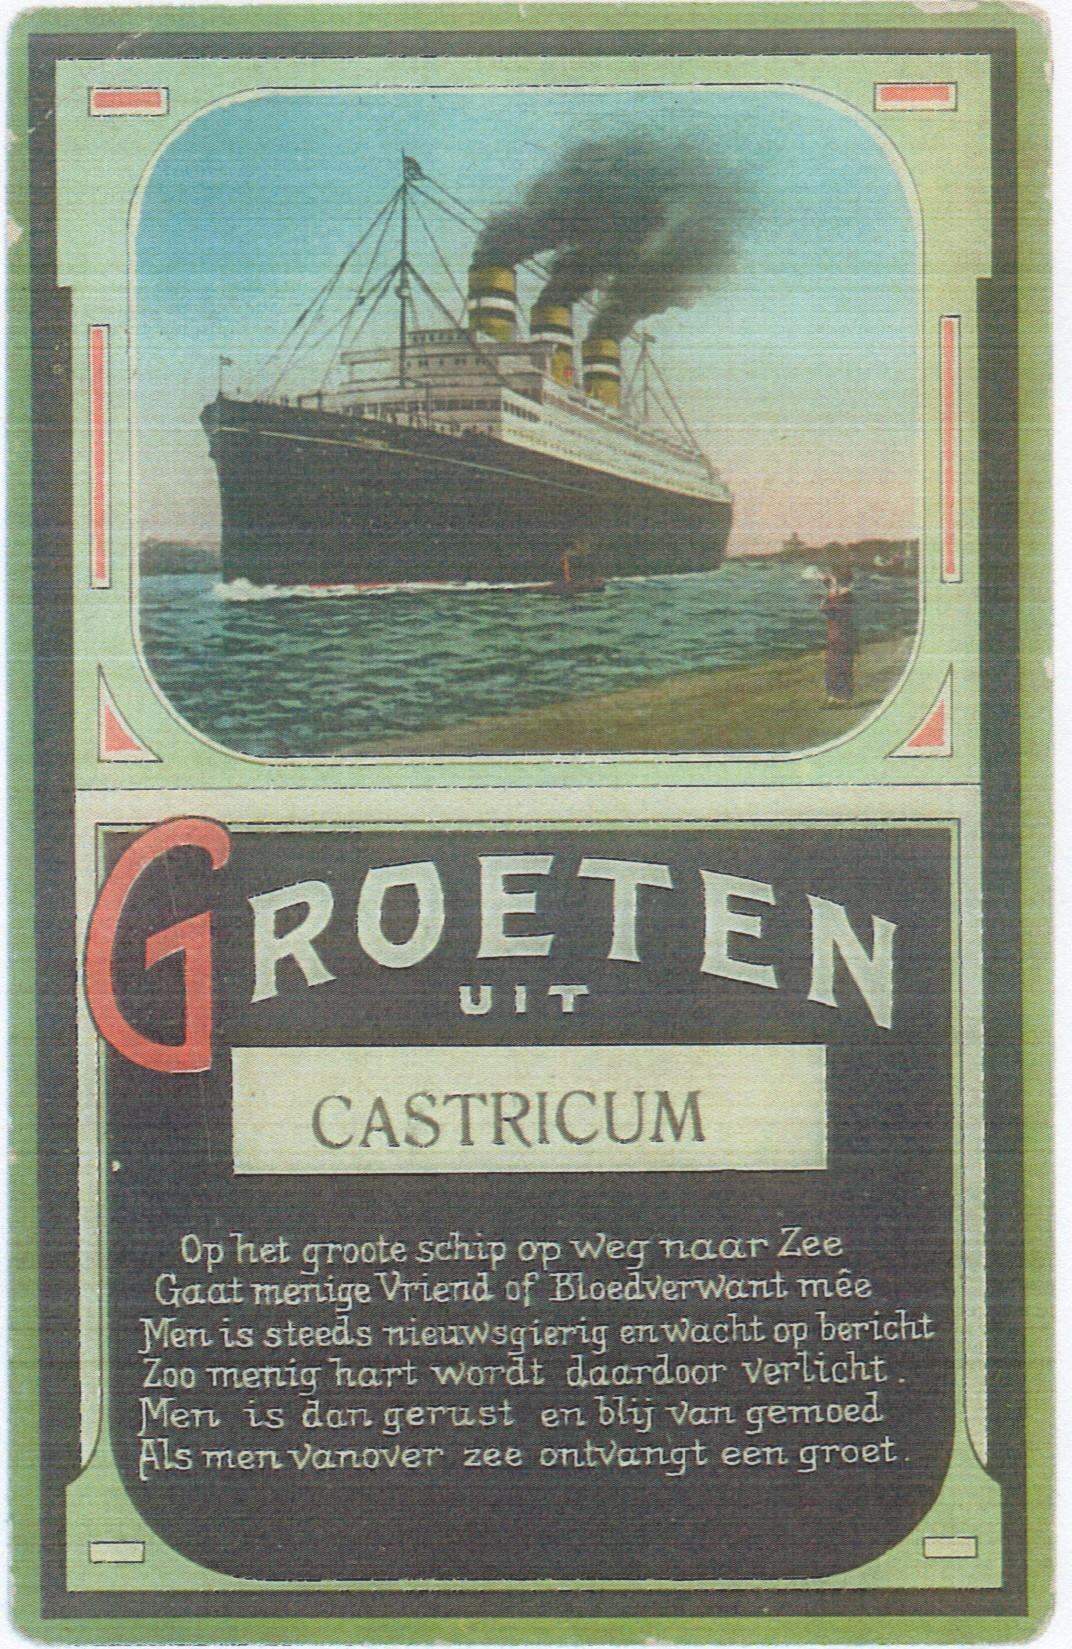 Groeten uit Castricum?